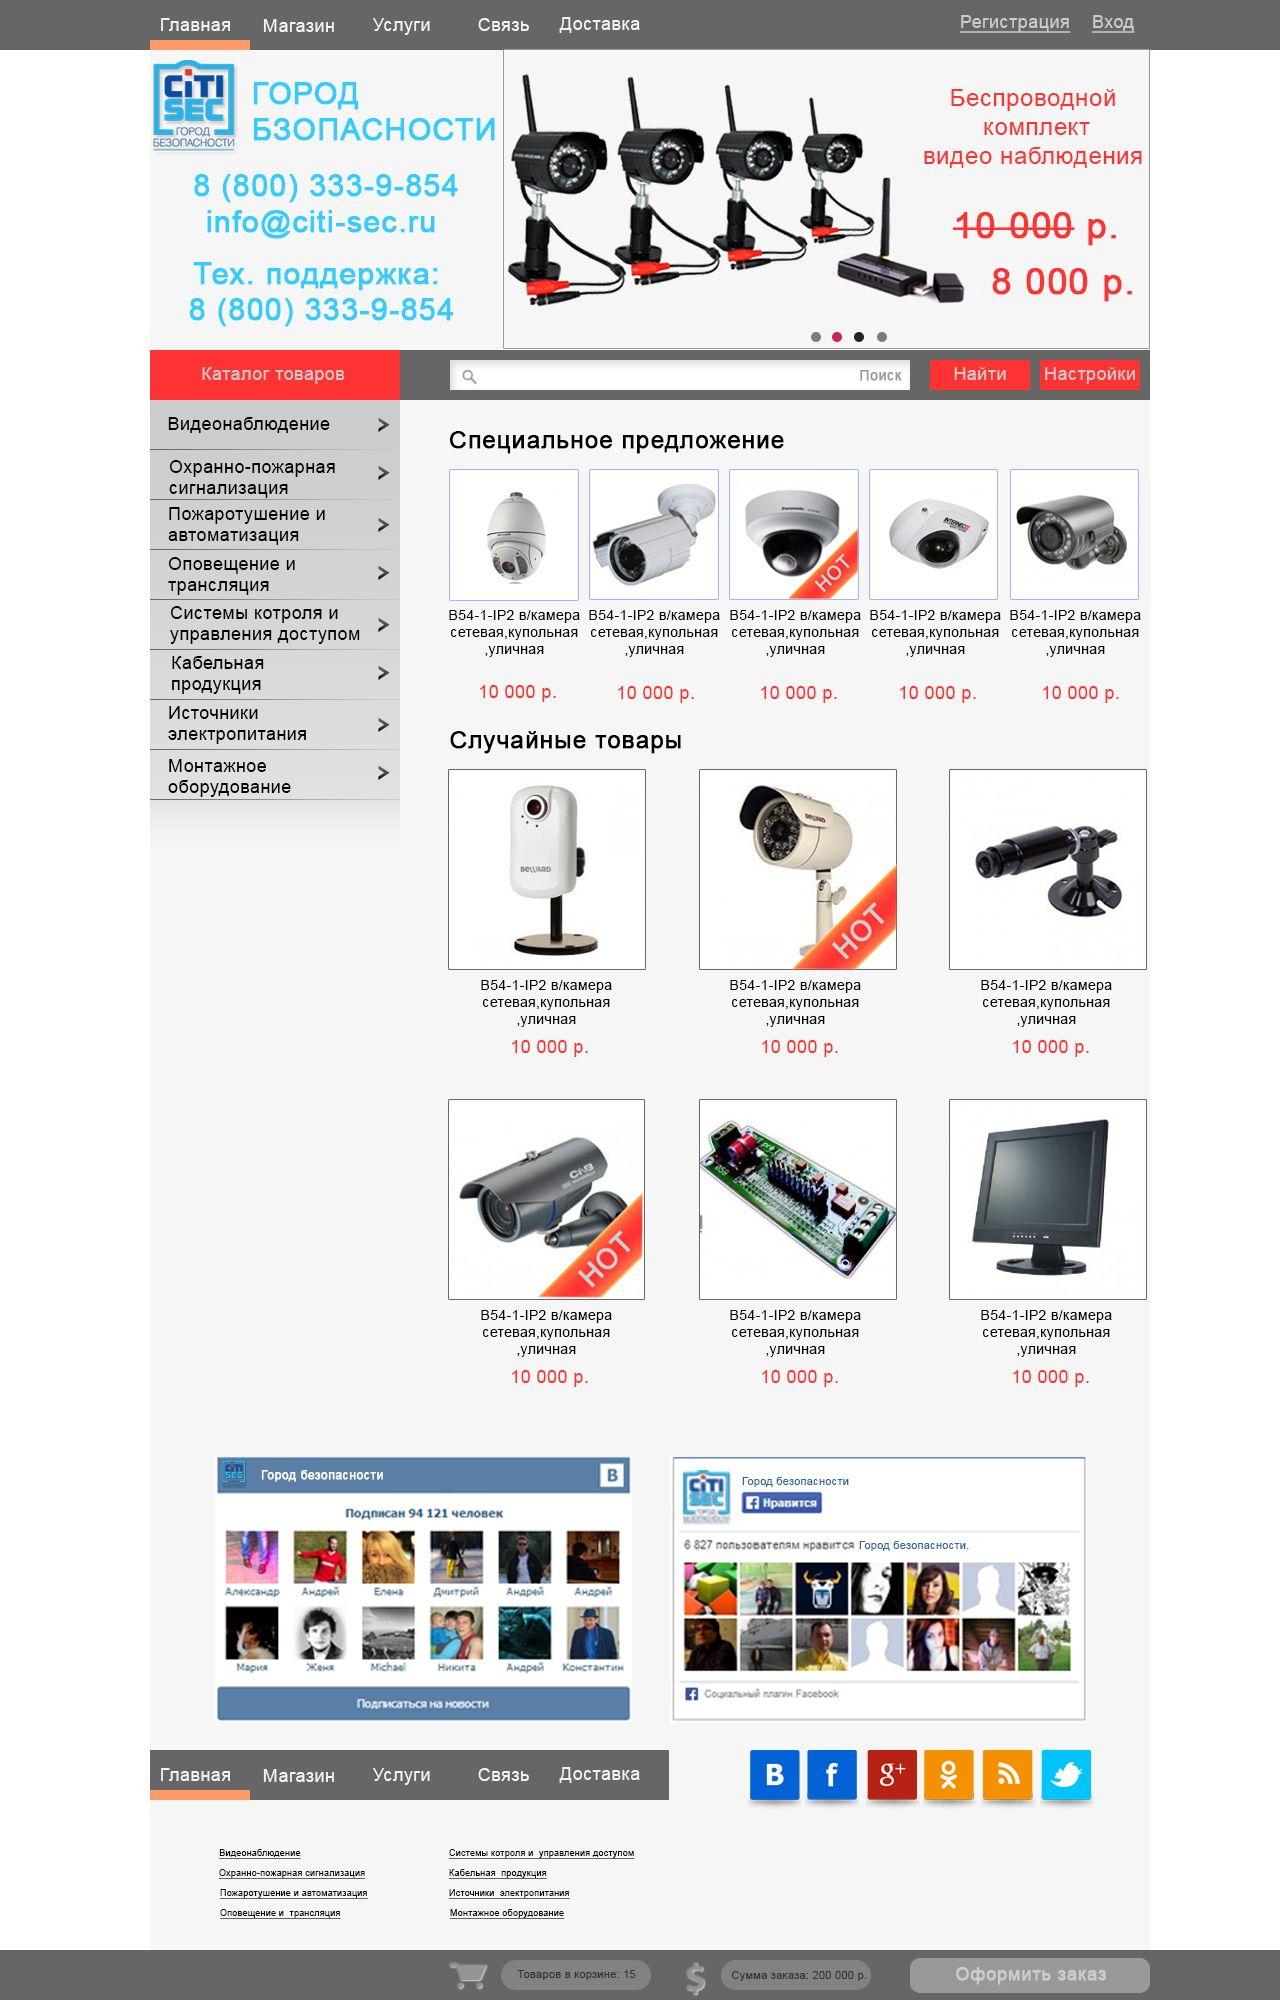 Дизайн интернет-магазина\сайта citi-sec.ru - дизайнер LLIaman